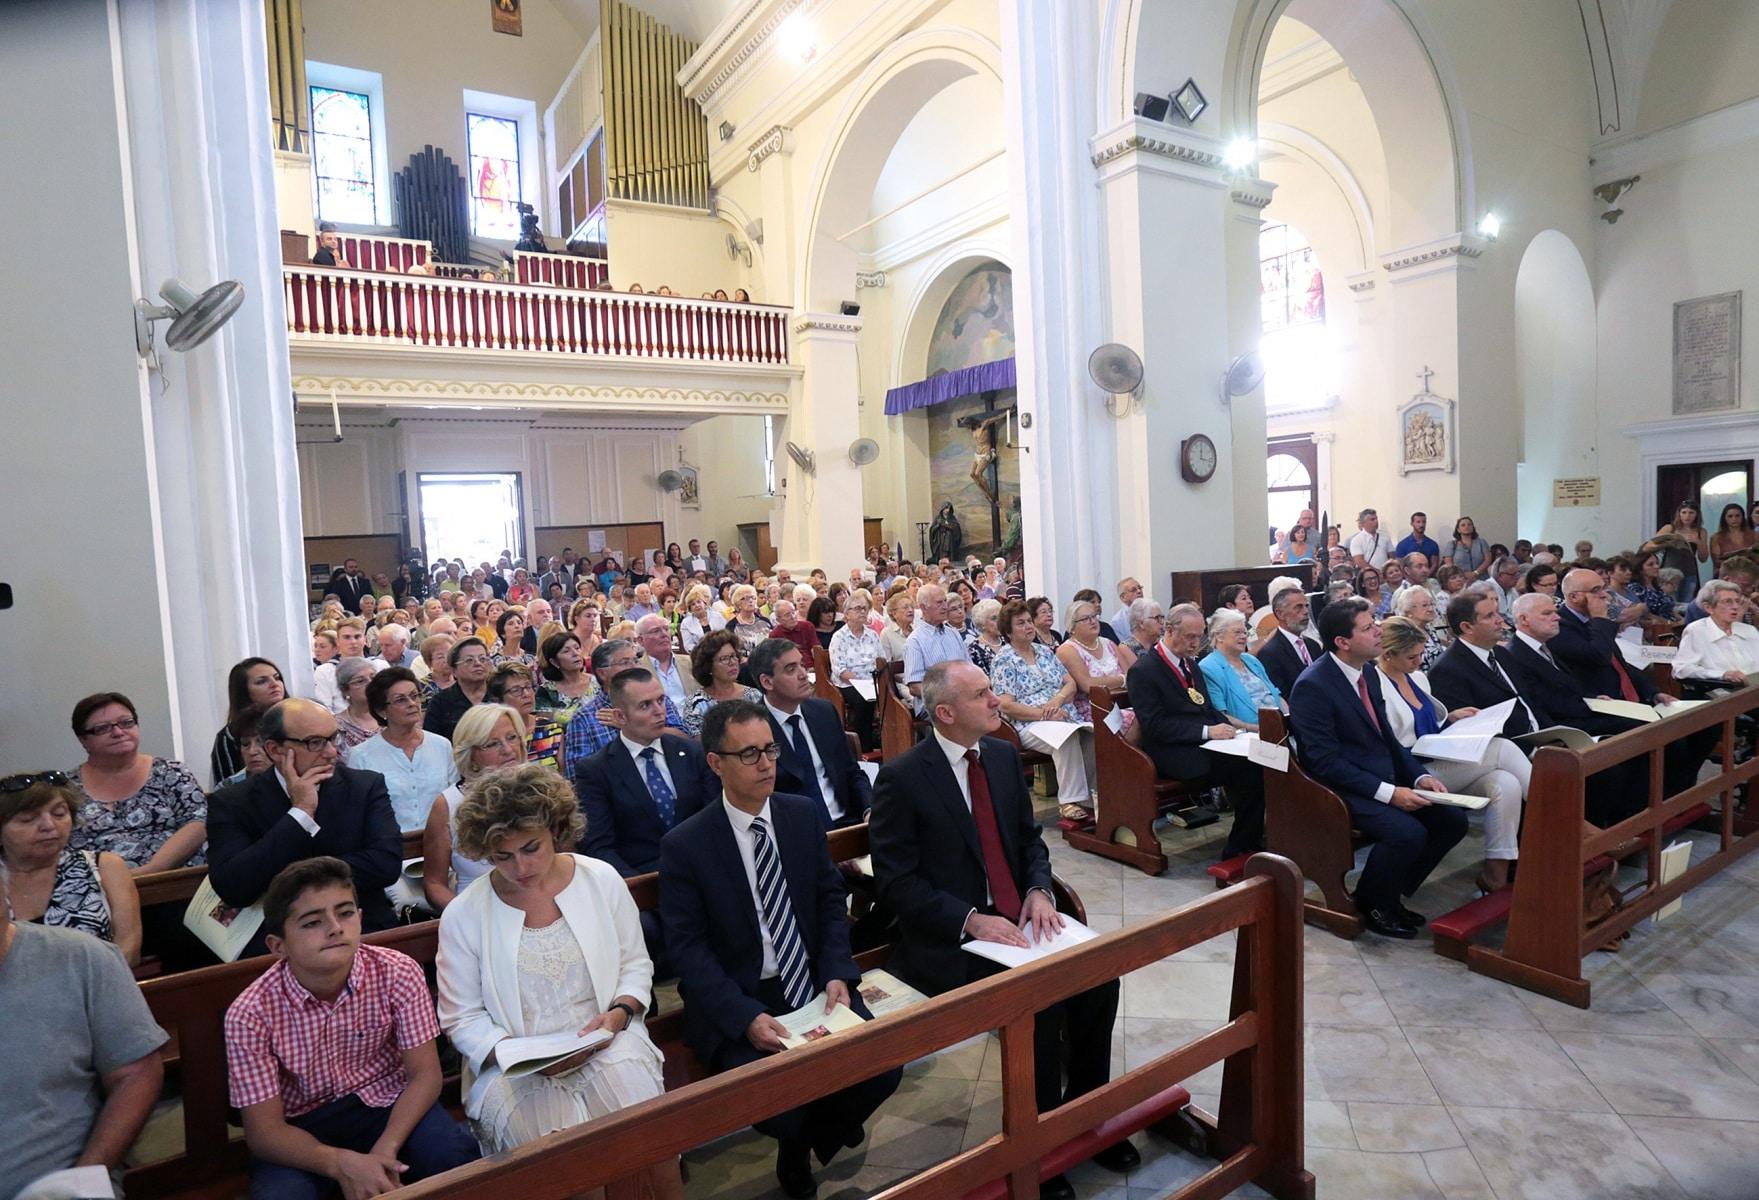 24-sep-2016-toma-de-posesin-de-carmelo-zammit-del-cargo-de-obispo-de-gibraltar_29876084911_o